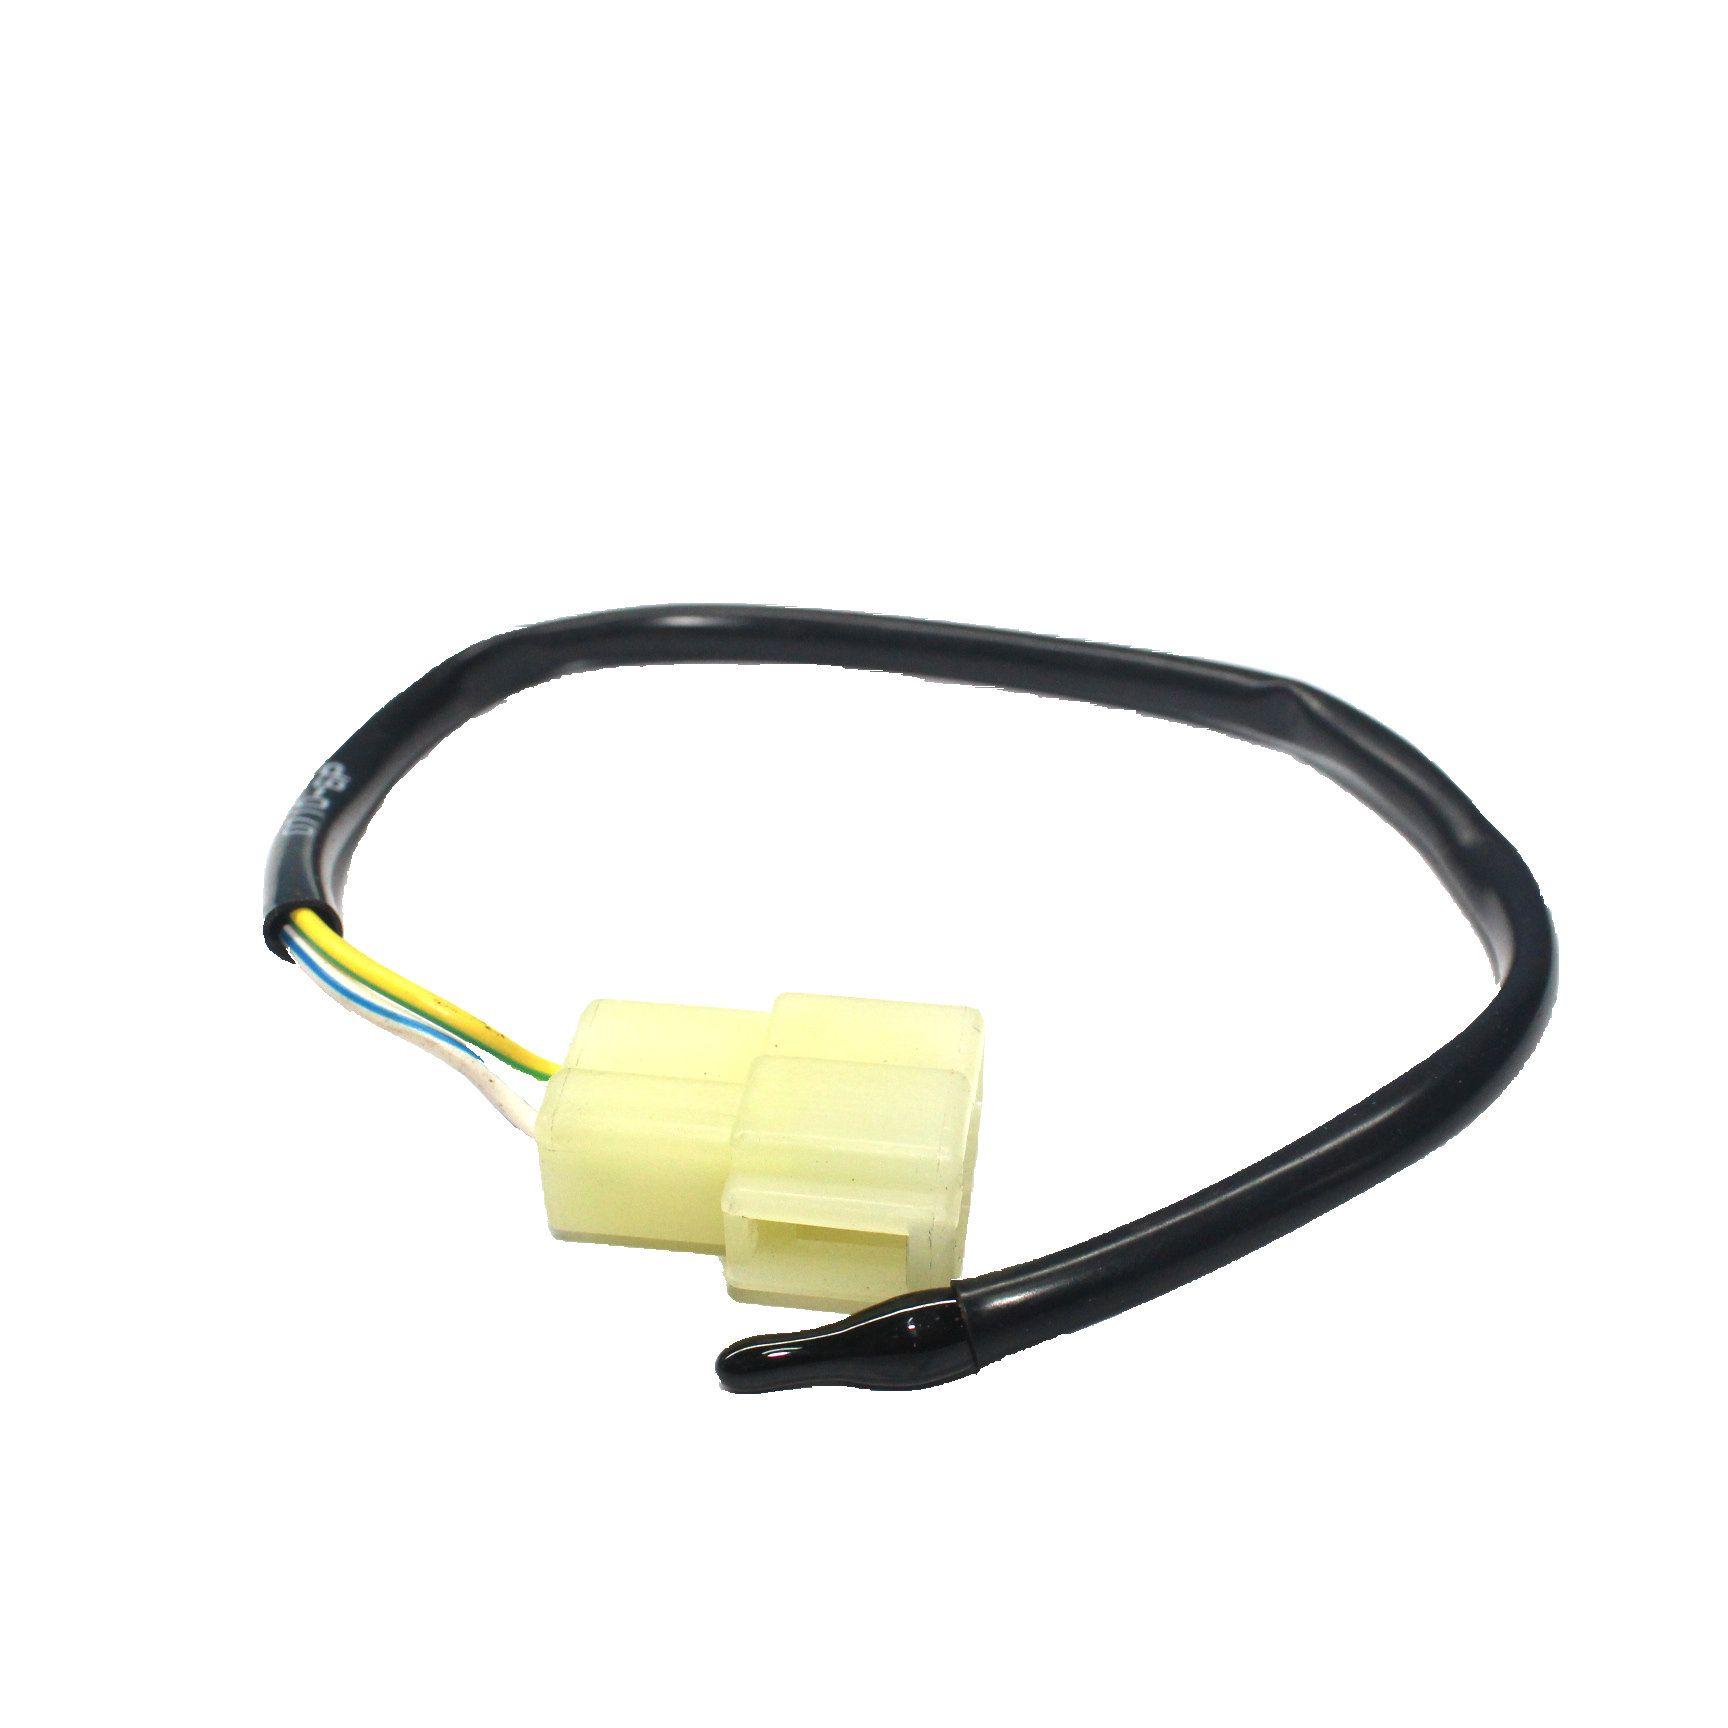 Sensor Termostato Caixa de Ar Suzuki Swift 98...01